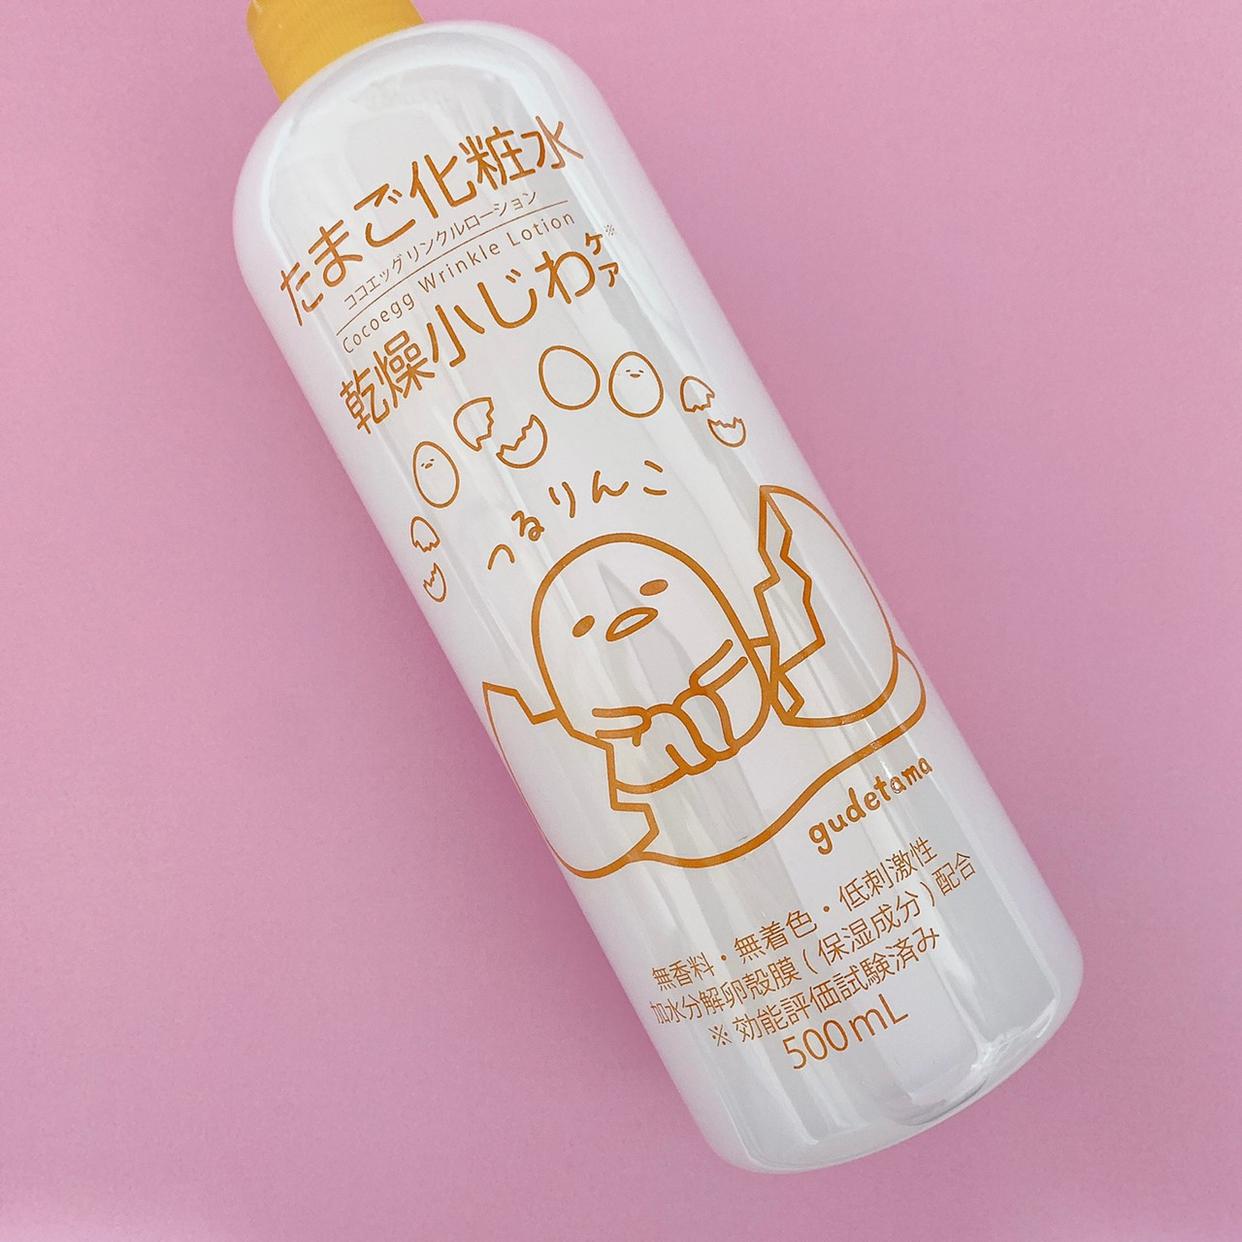 ココエッグ リンクルローション たまご化粧水を使ったkana_cafe_timeさんのクチコミ画像1